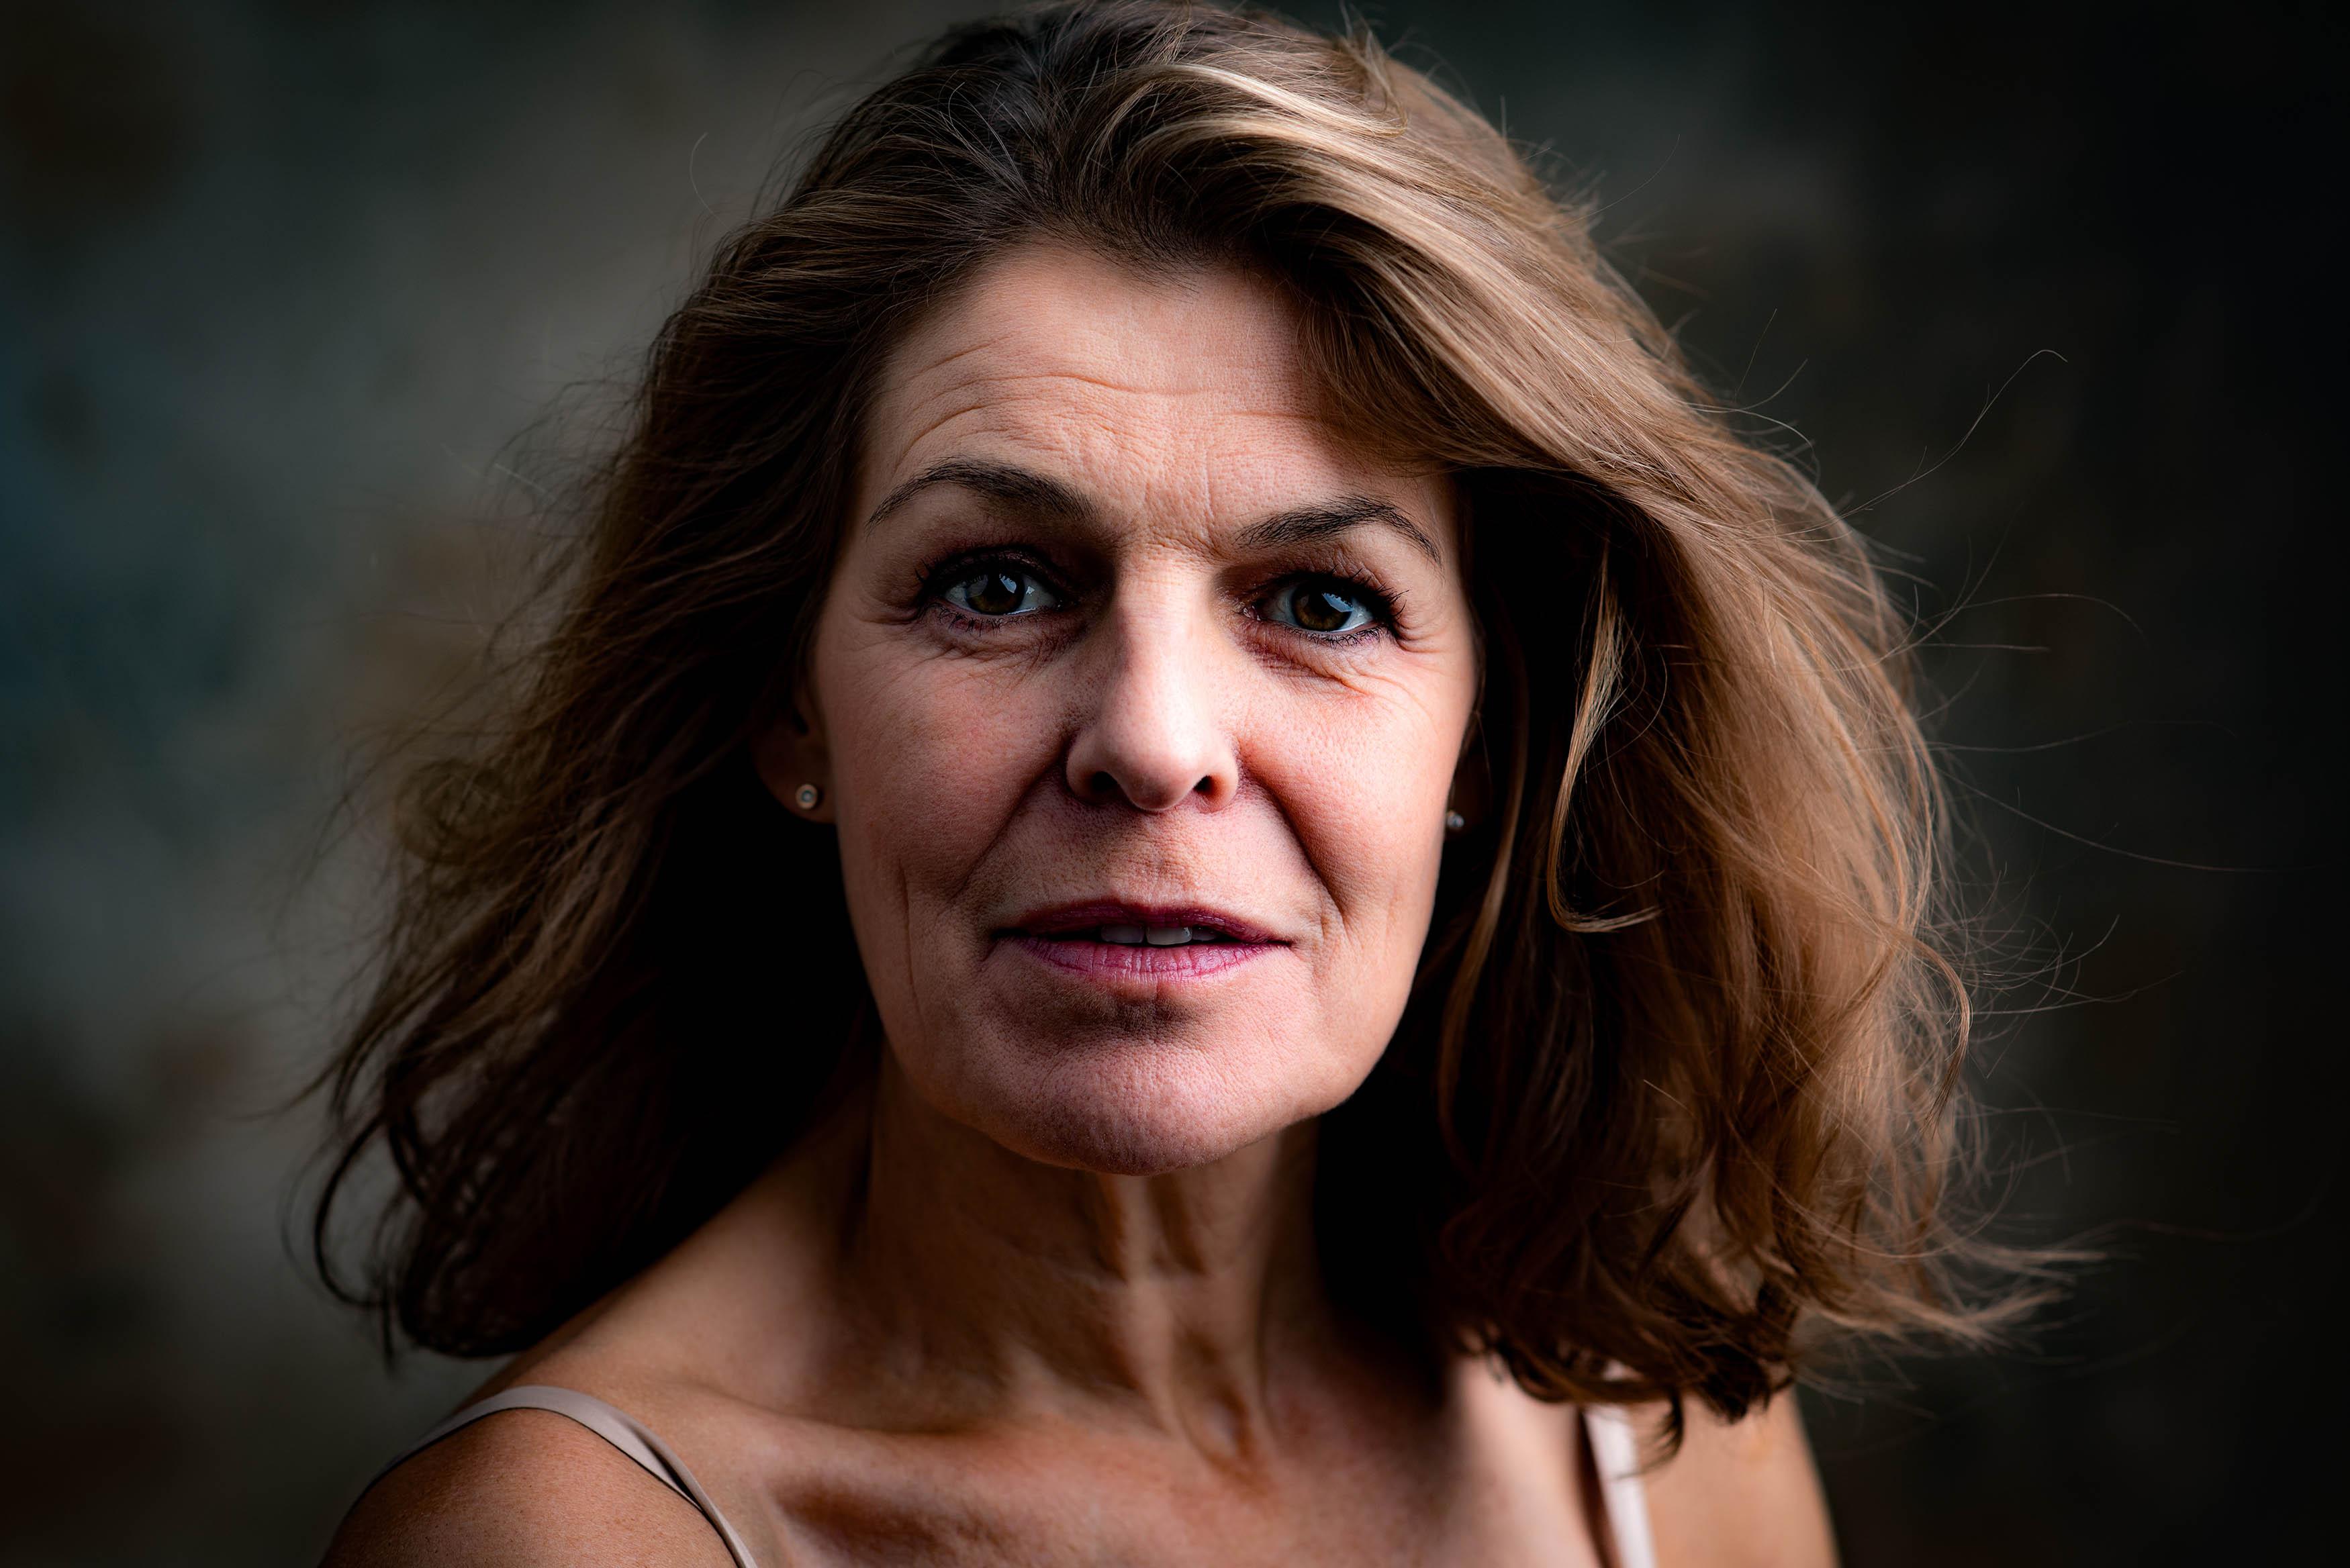 Lone Rasmussen Photography, www.lonerasmussenphotography.dk, portræt, portrætfotografi, kvinde